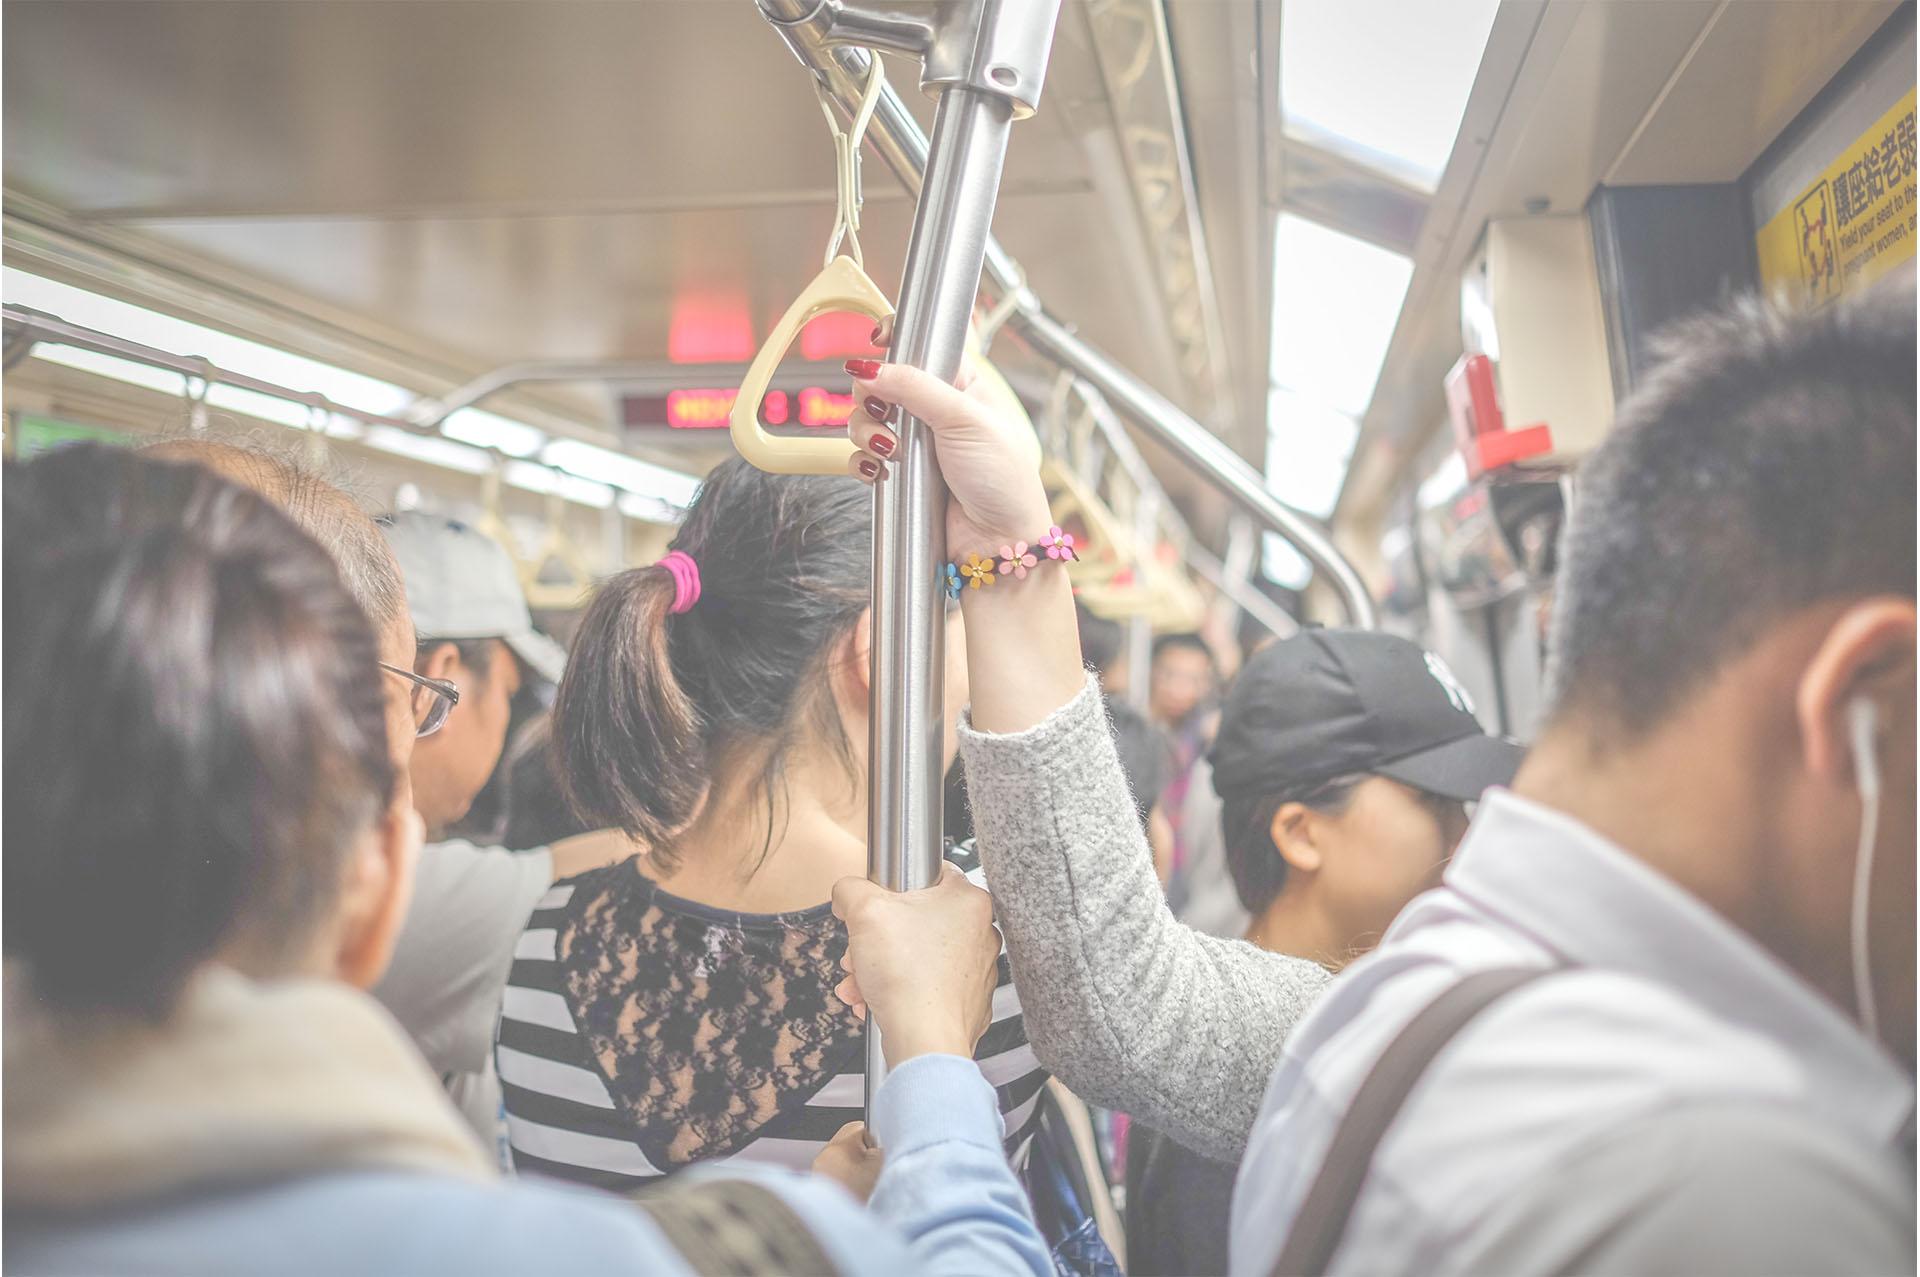 満員電車の中にいる光景